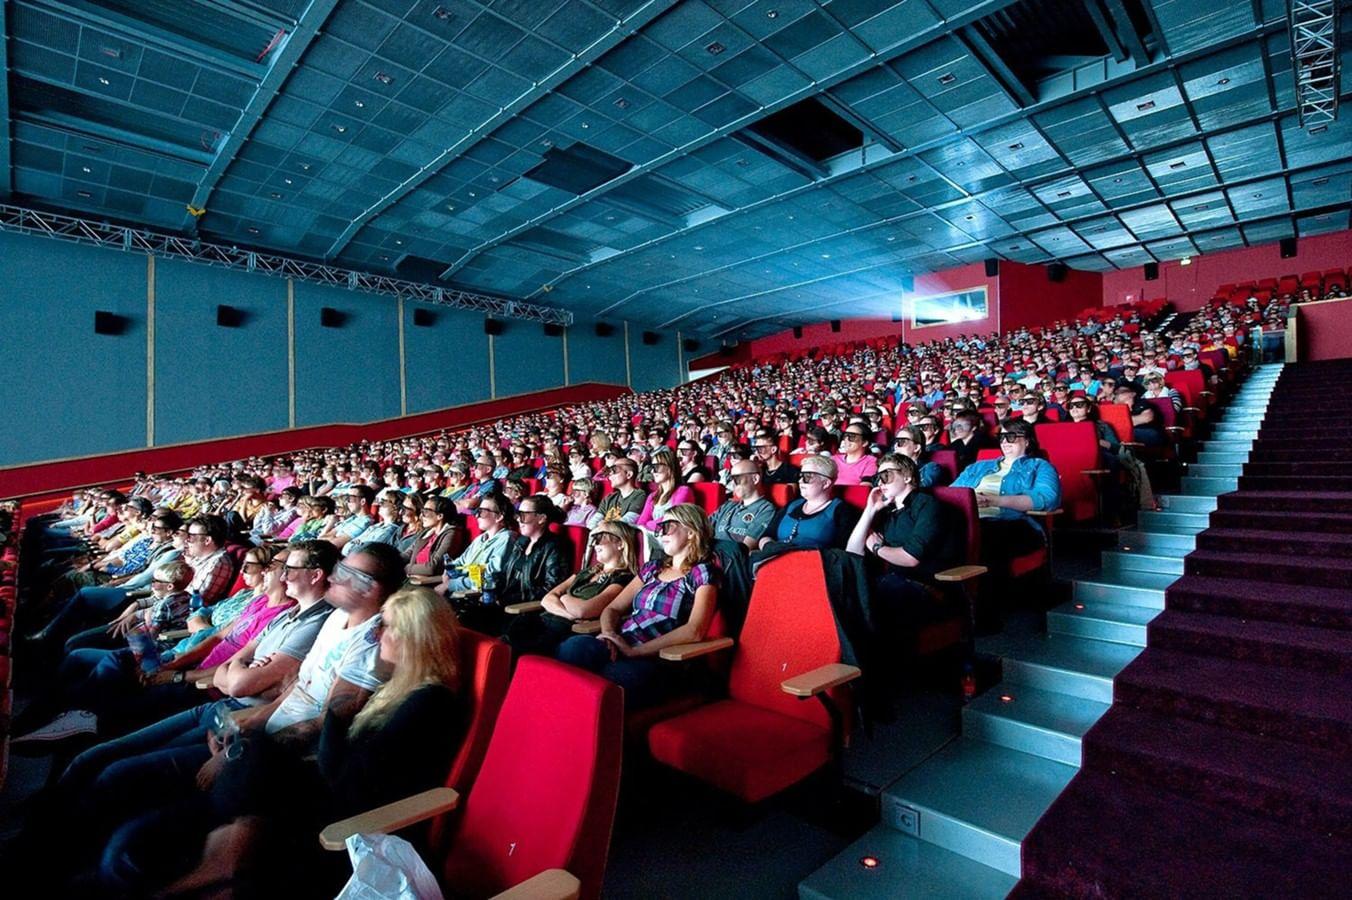 В театре есть антракт, а в кино его нет